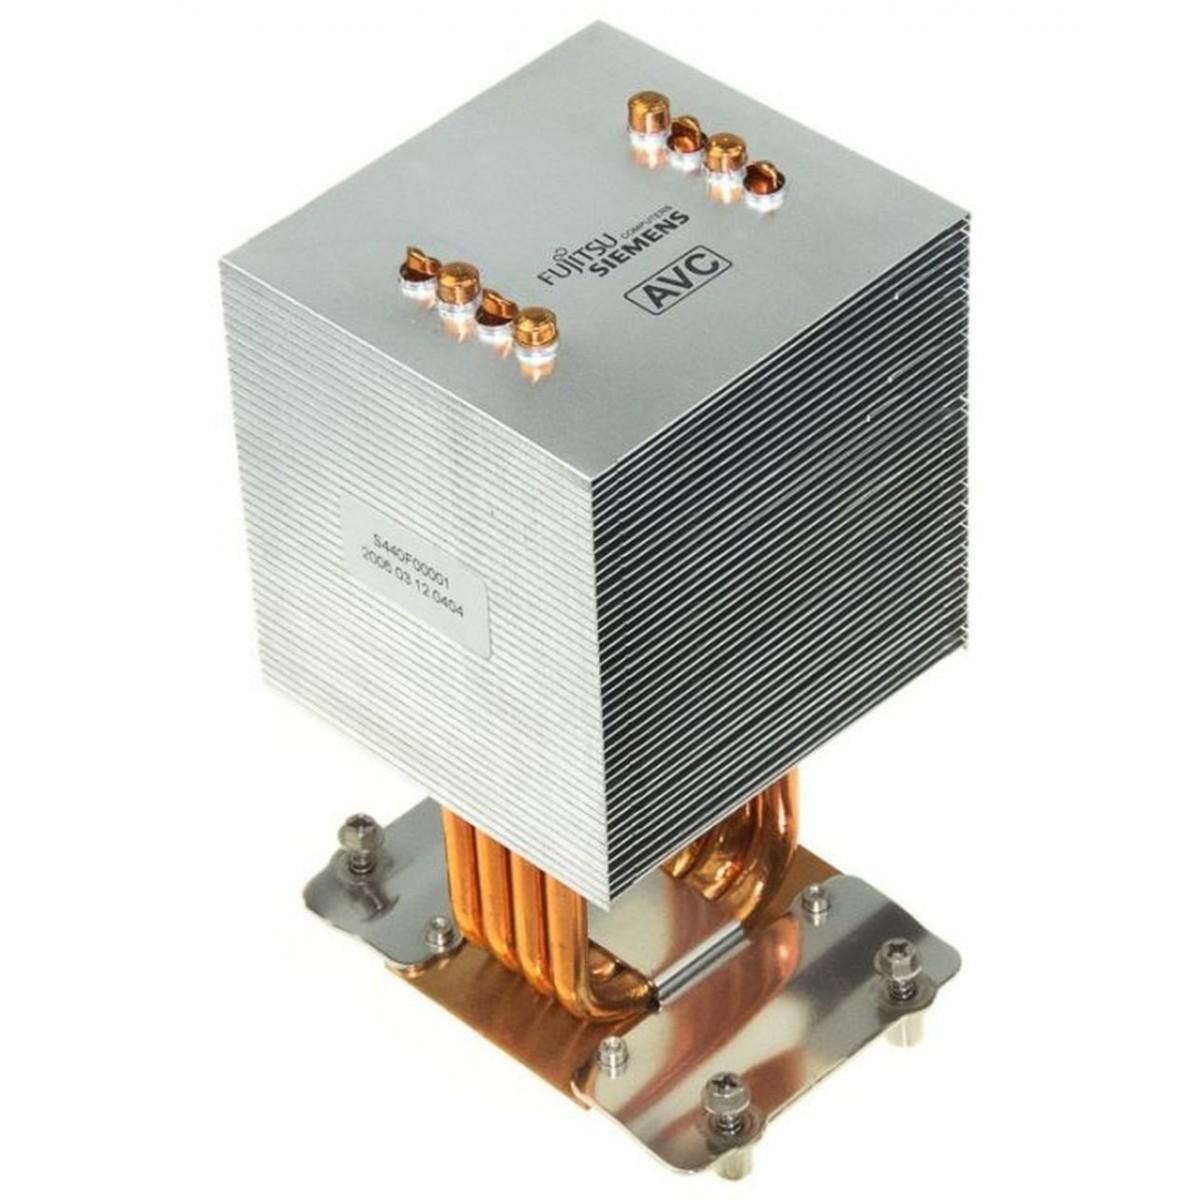 PAMIEC 8GB (2X4GB) DDR II PC2-6400P 2Rx4 ECC REG